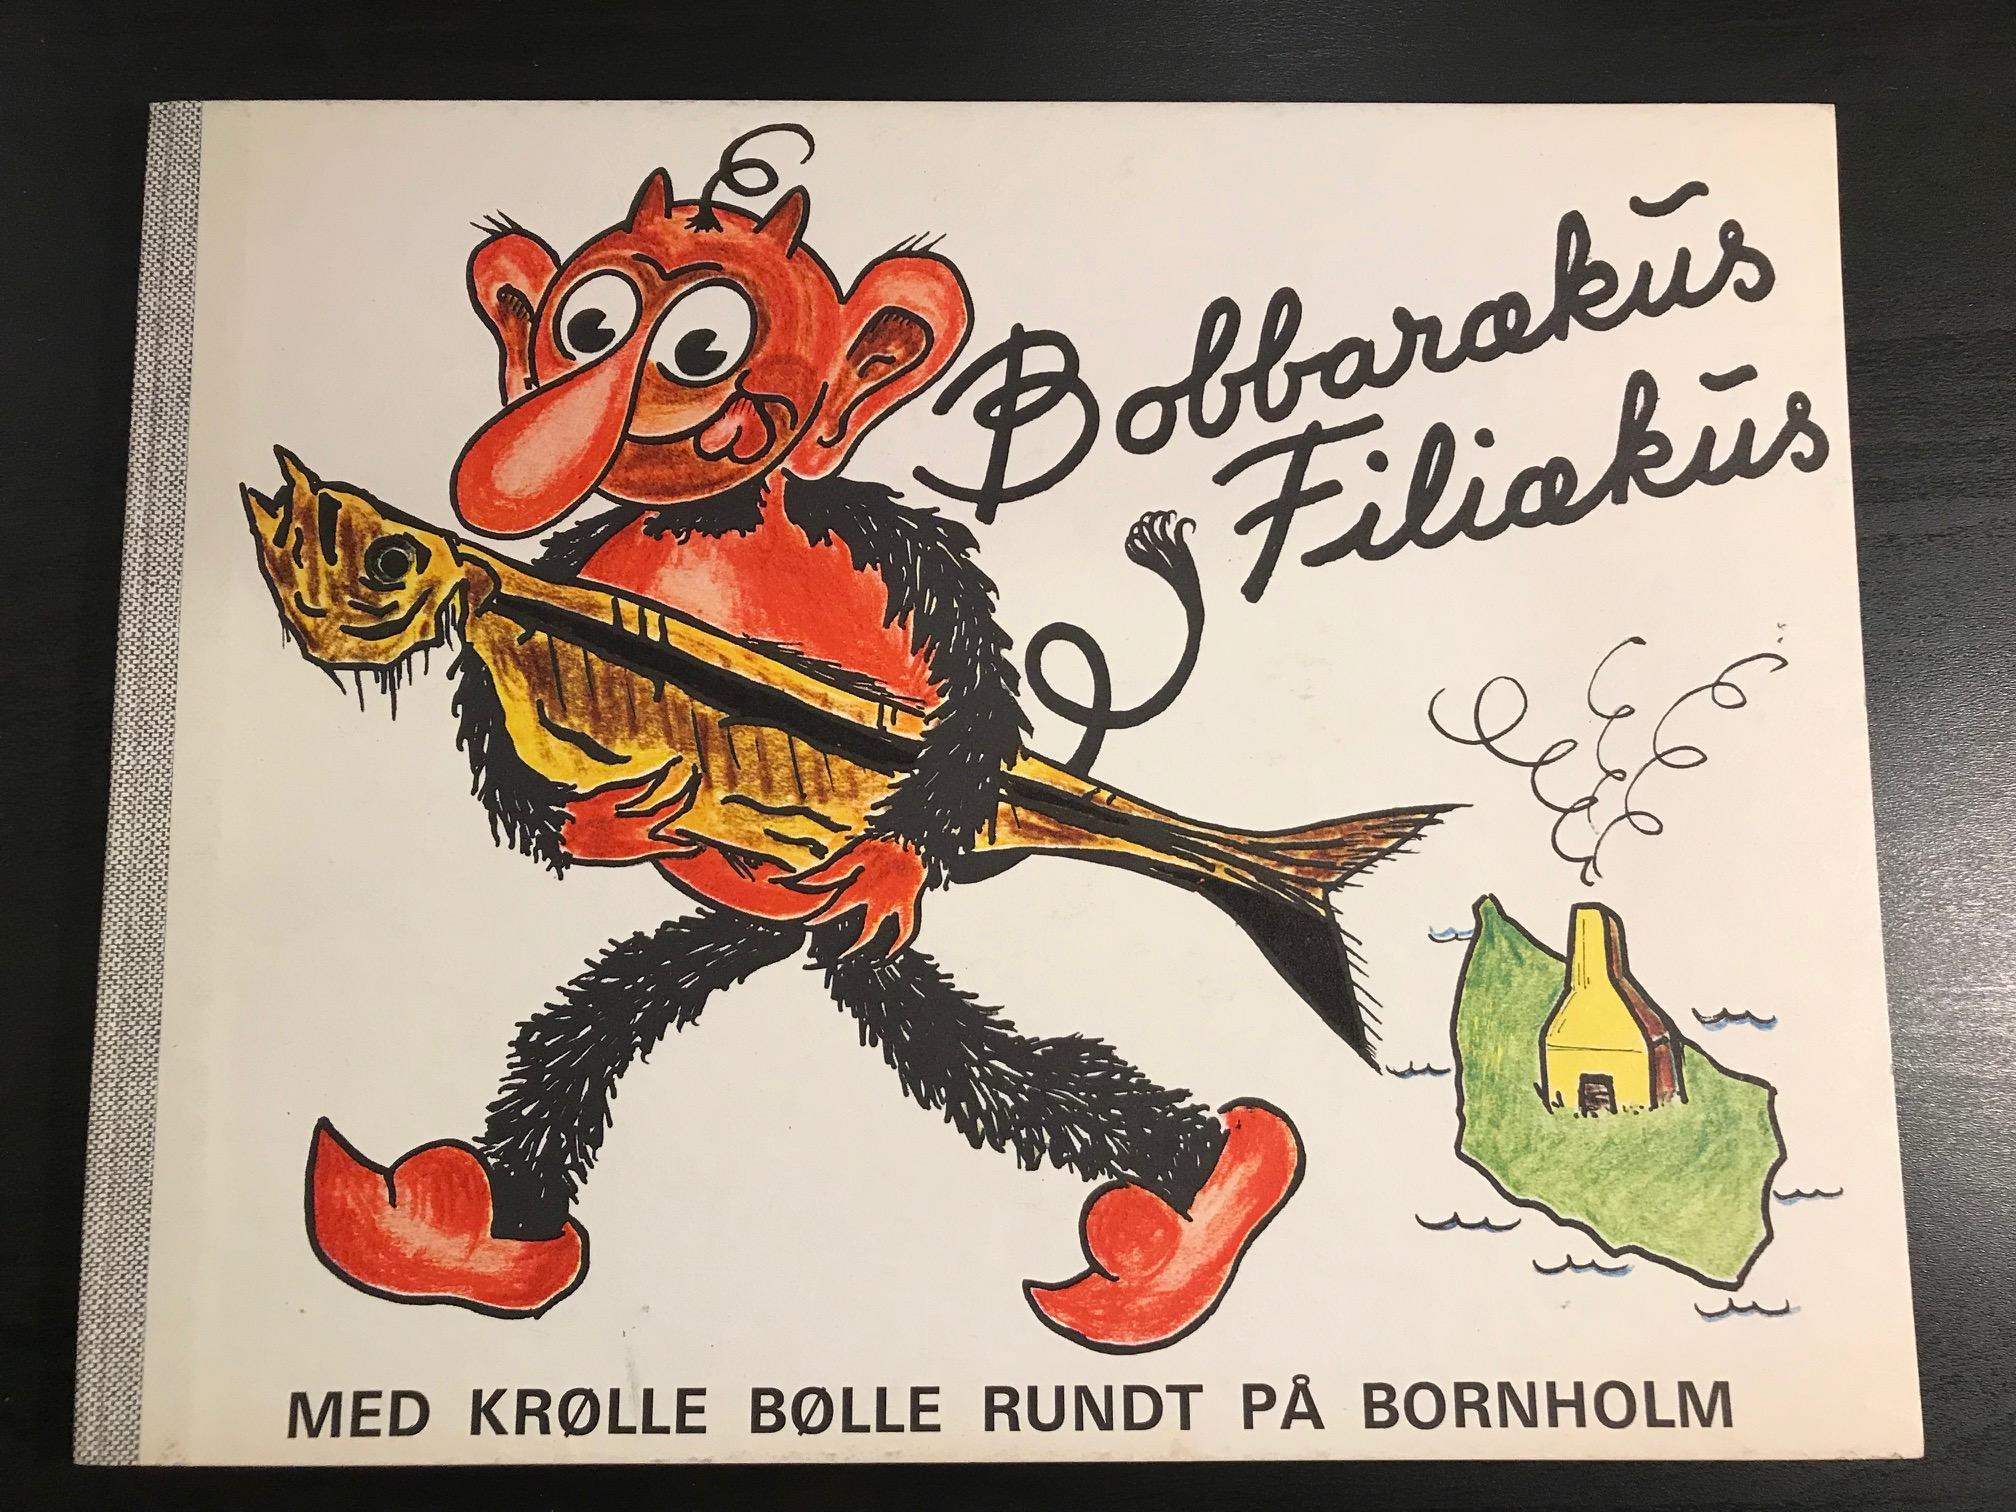 Bobbarækus Filiækus Med Krølle Bølle rundt på Bornholm